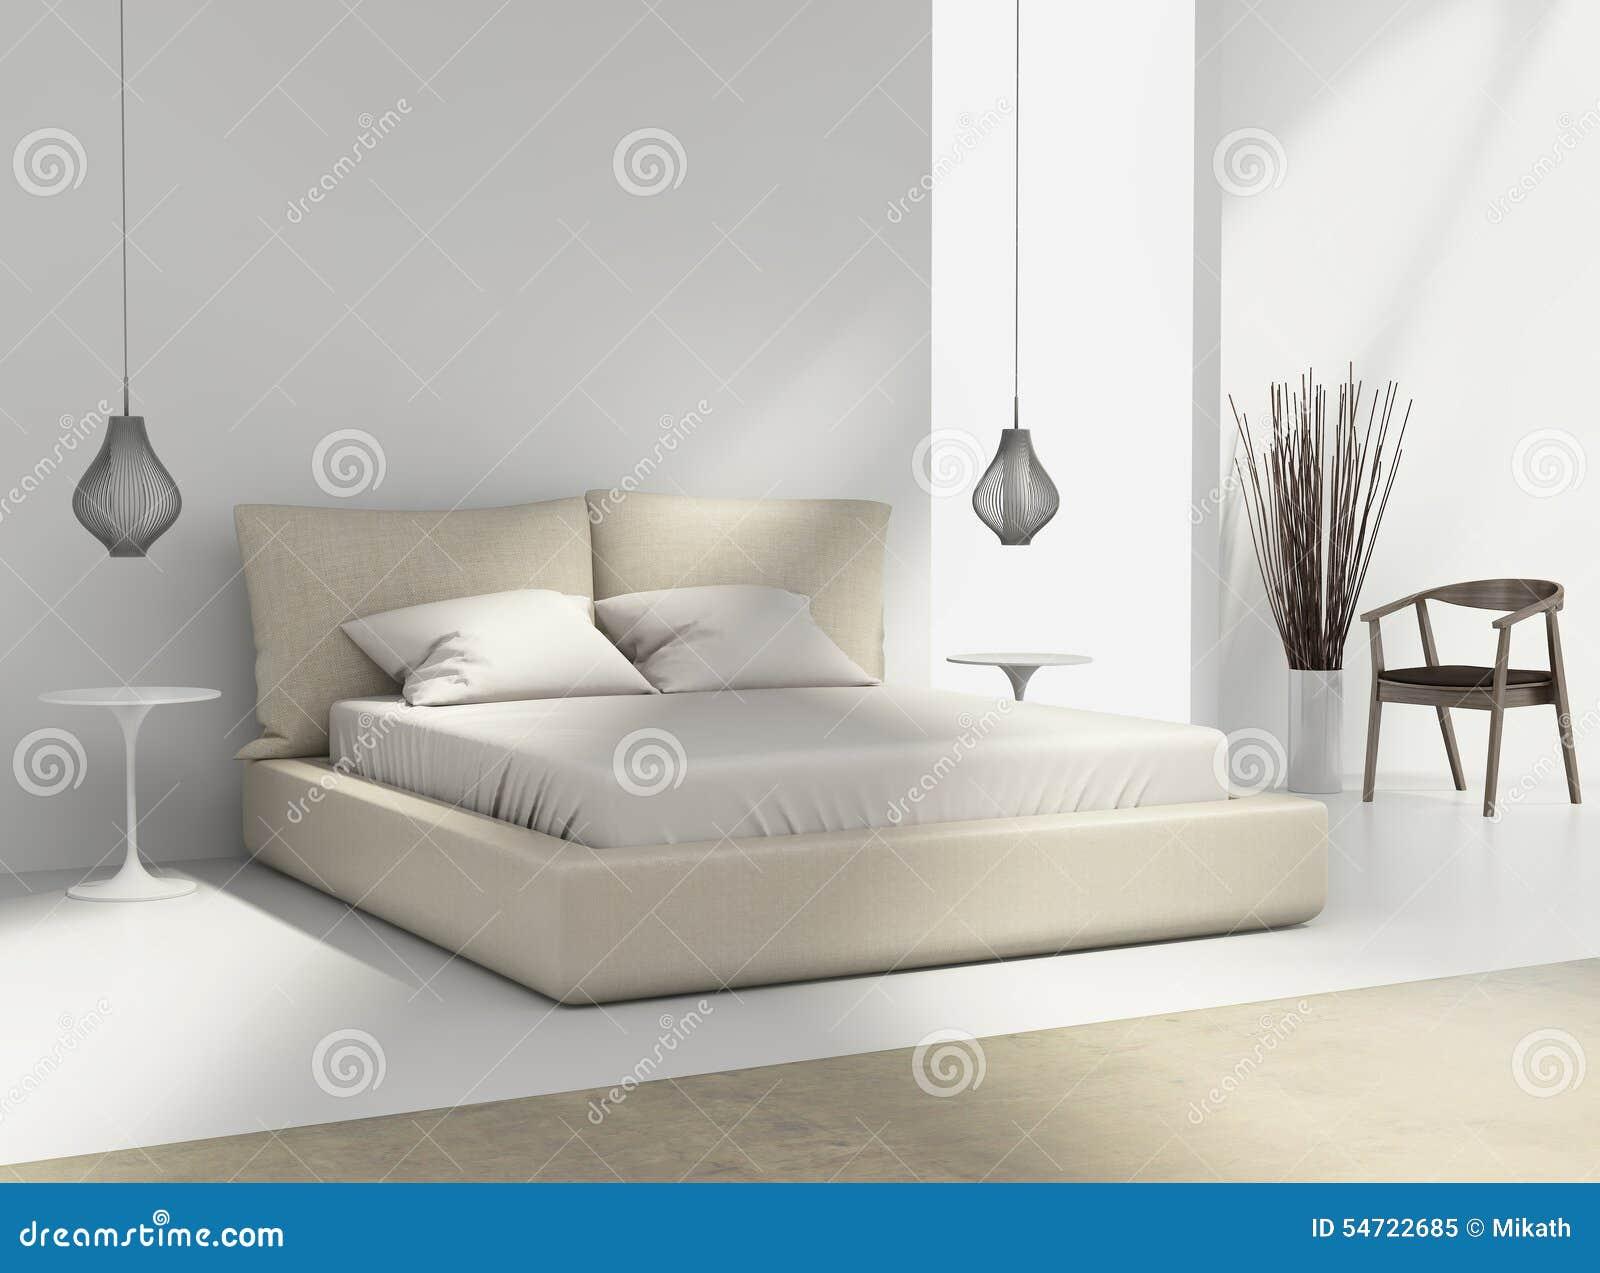 Witte En Beige Slaapkamer Met Stoel En Lampen Stock Illustratie ...